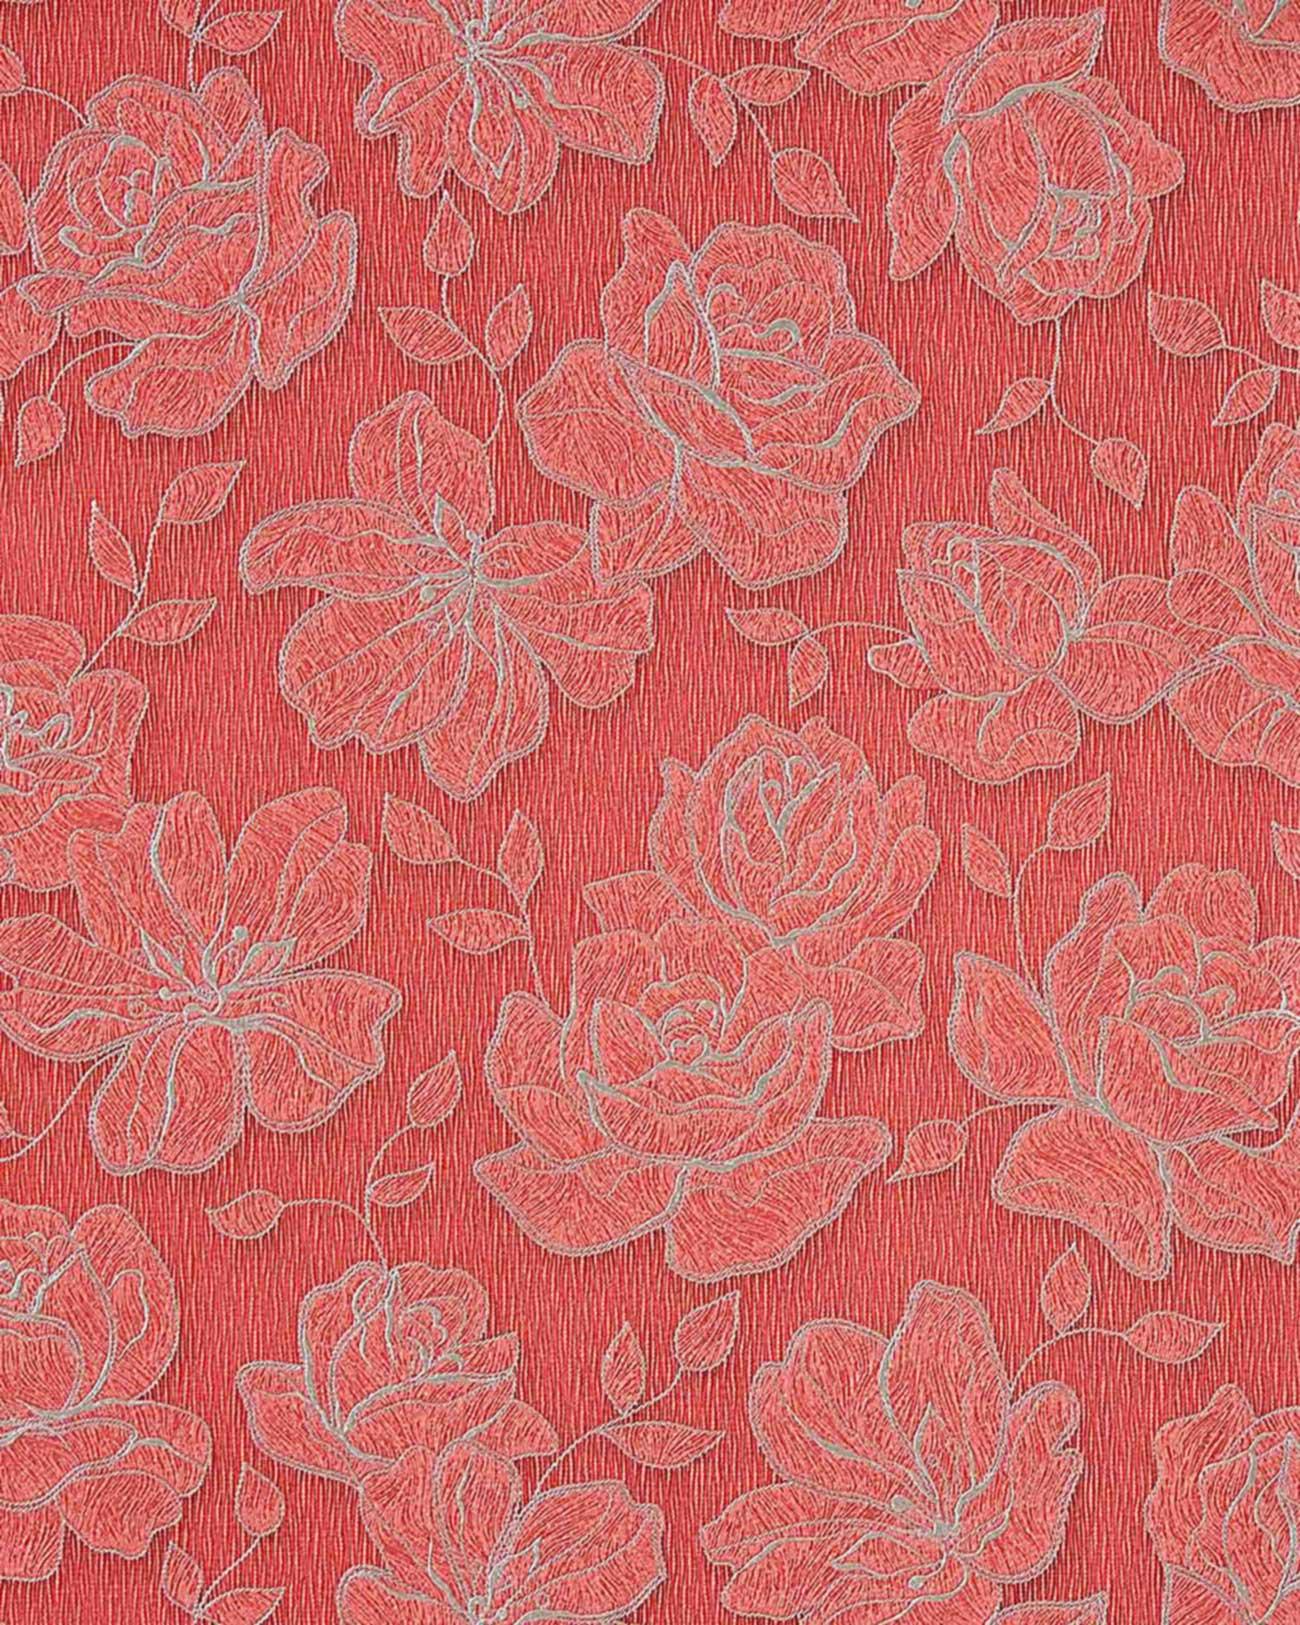 Asiatische Blumen Tapete : Brown and Silver Floral Design